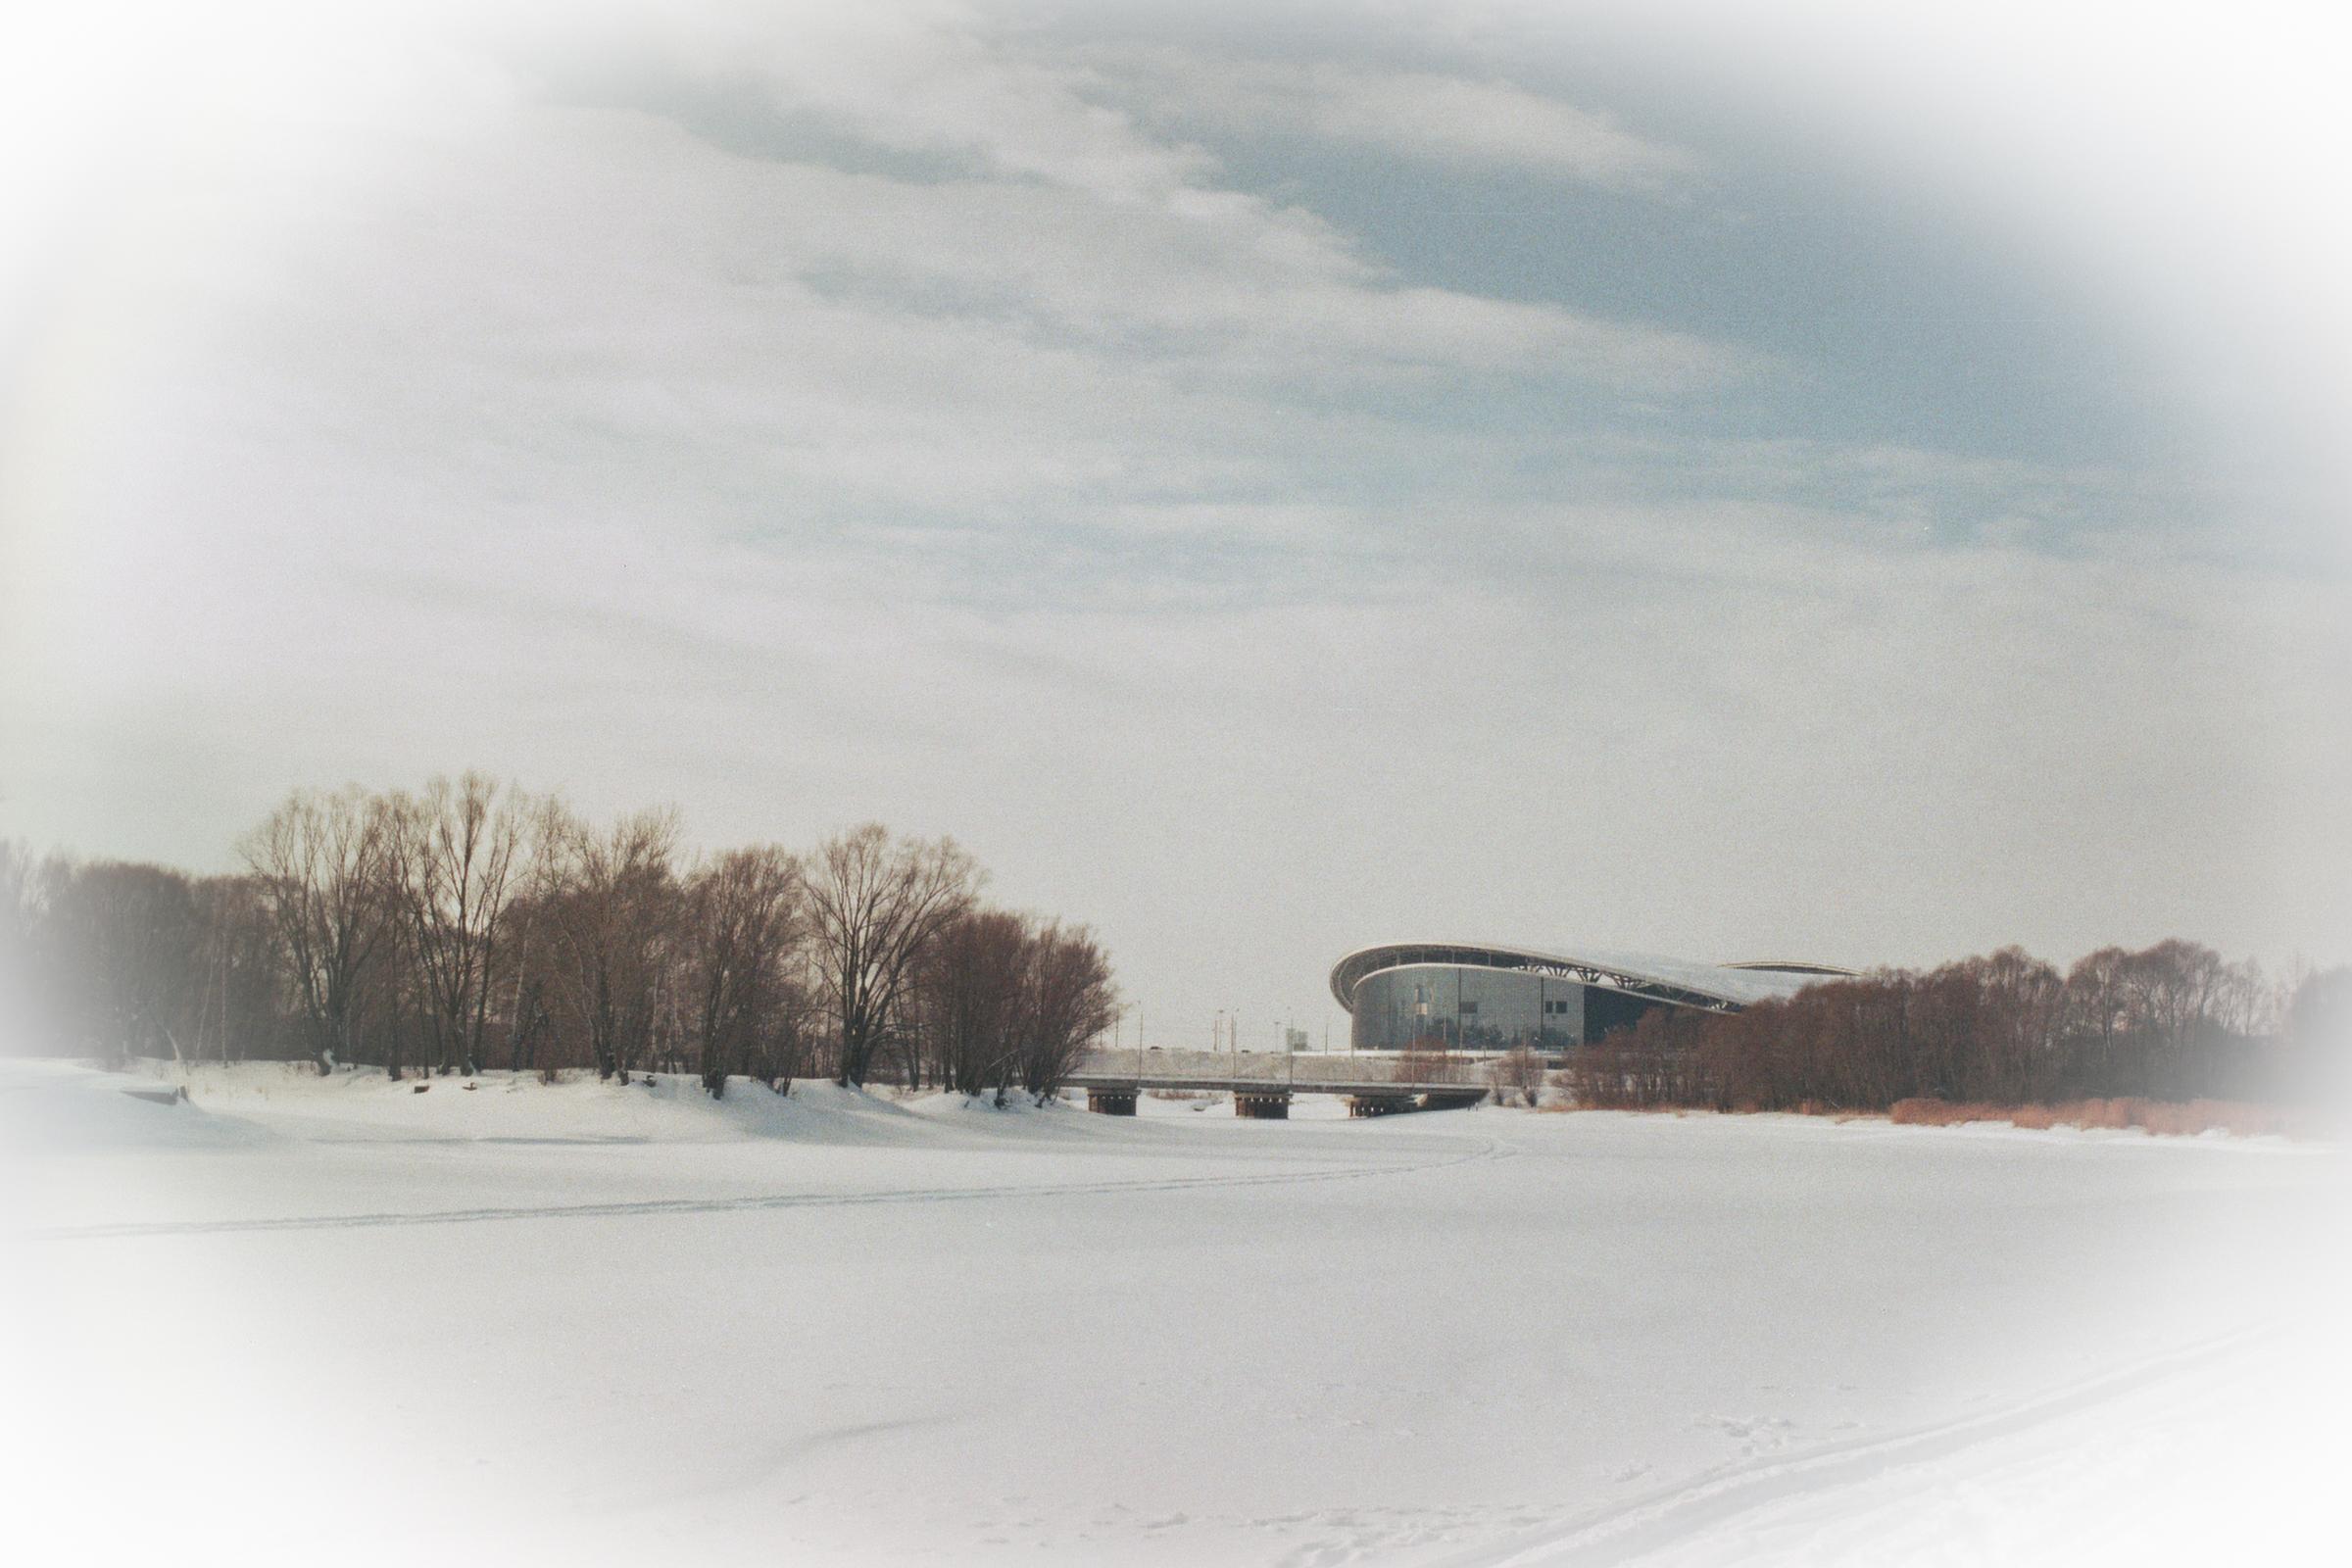 Стадион Ак Барс арена, вид с реки Казанки. Январь 2021